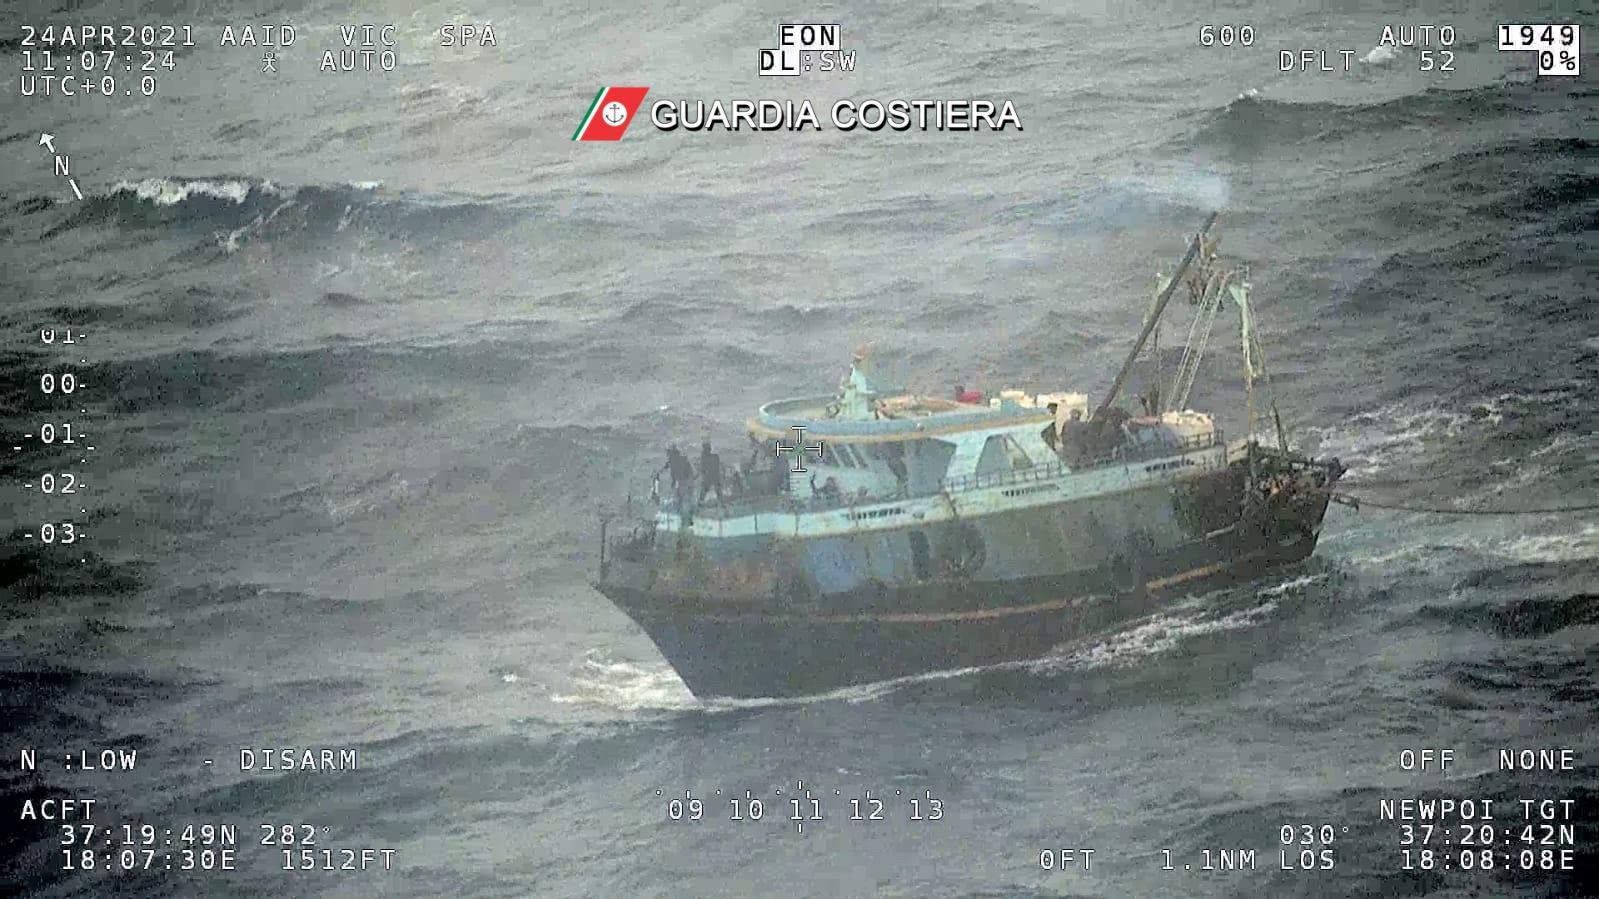 Une embarcation au large des côtes italiennes avec une centaine de migrants à bord, 24 avril 2021